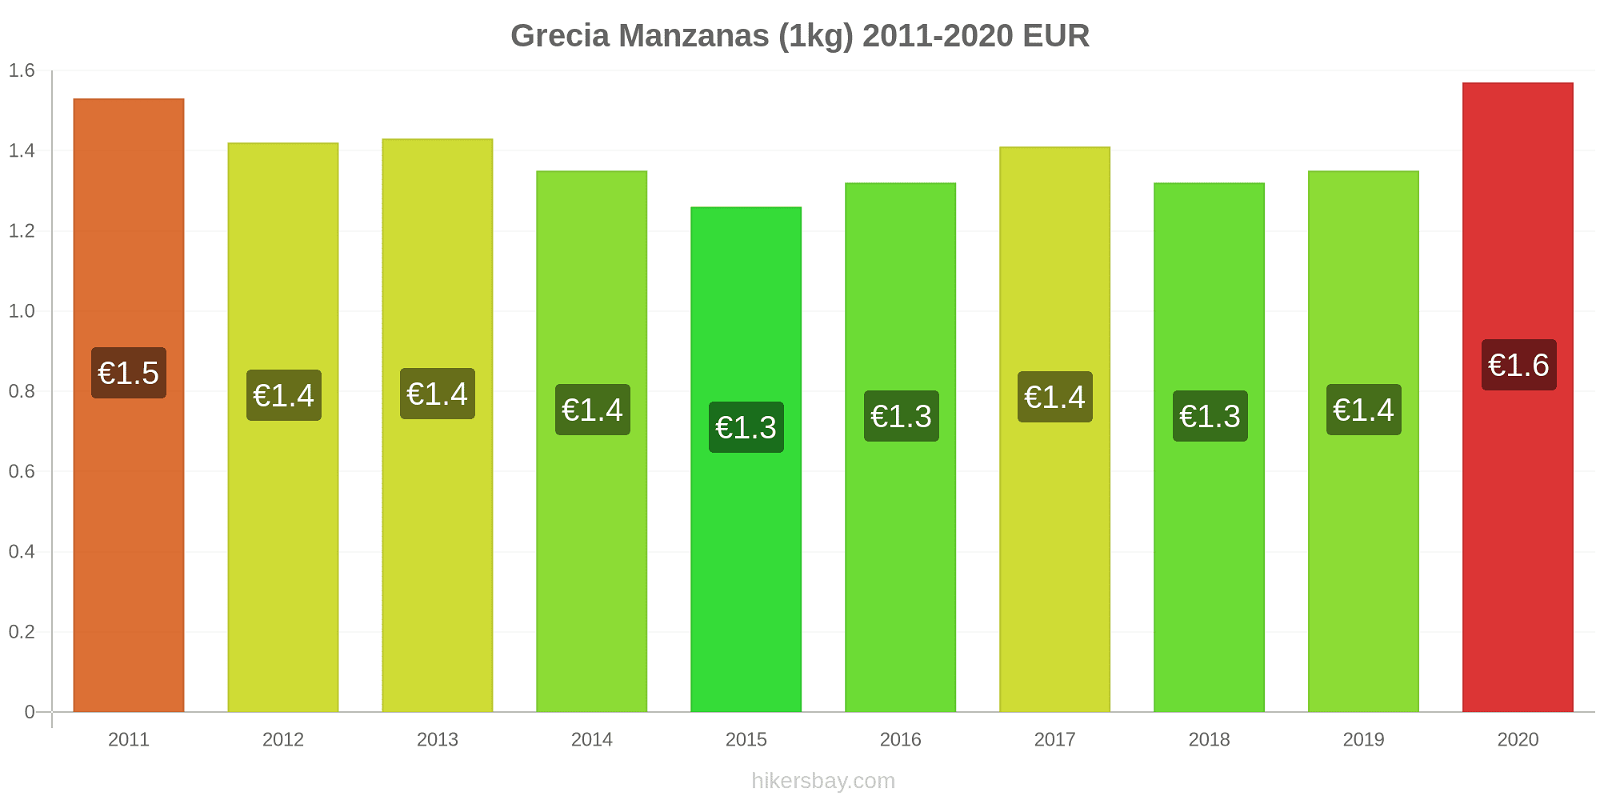 Grecia cambios de precios Manzanas (1kg) hikersbay.com